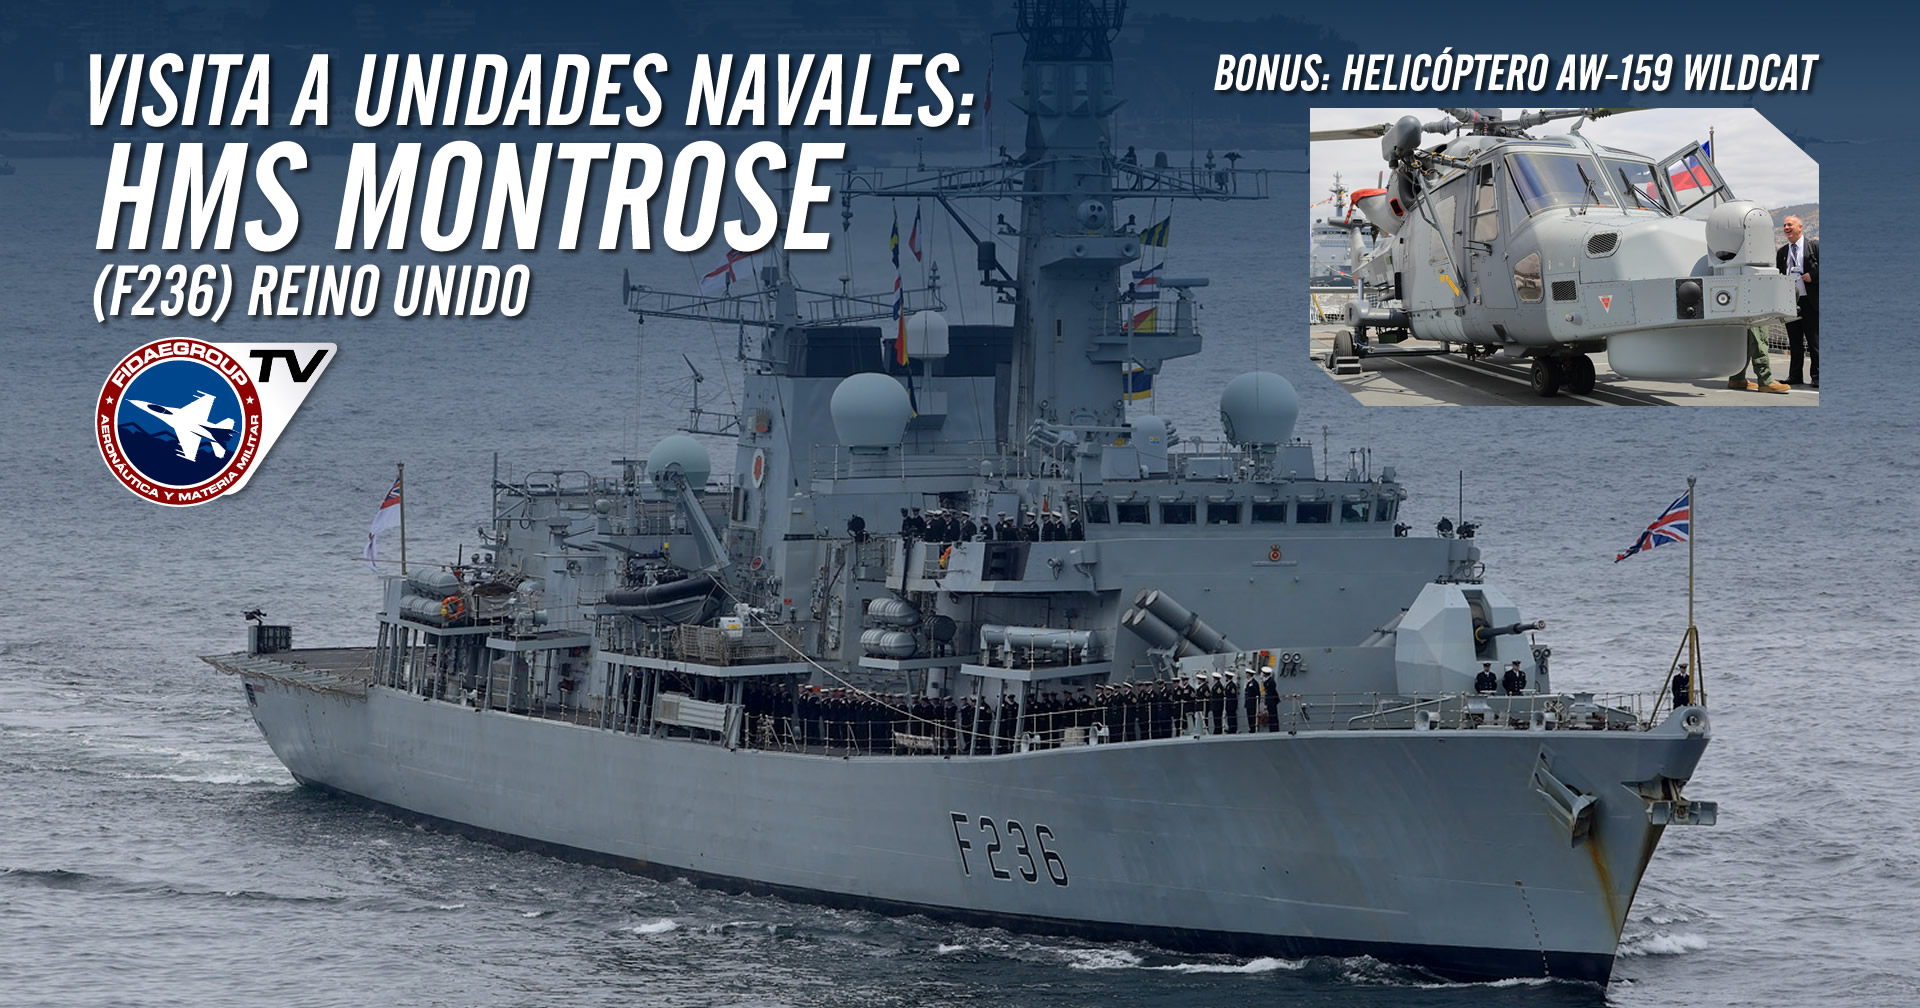 Conociendo la Fragata HMS Montrose (F236) del Reino Unido